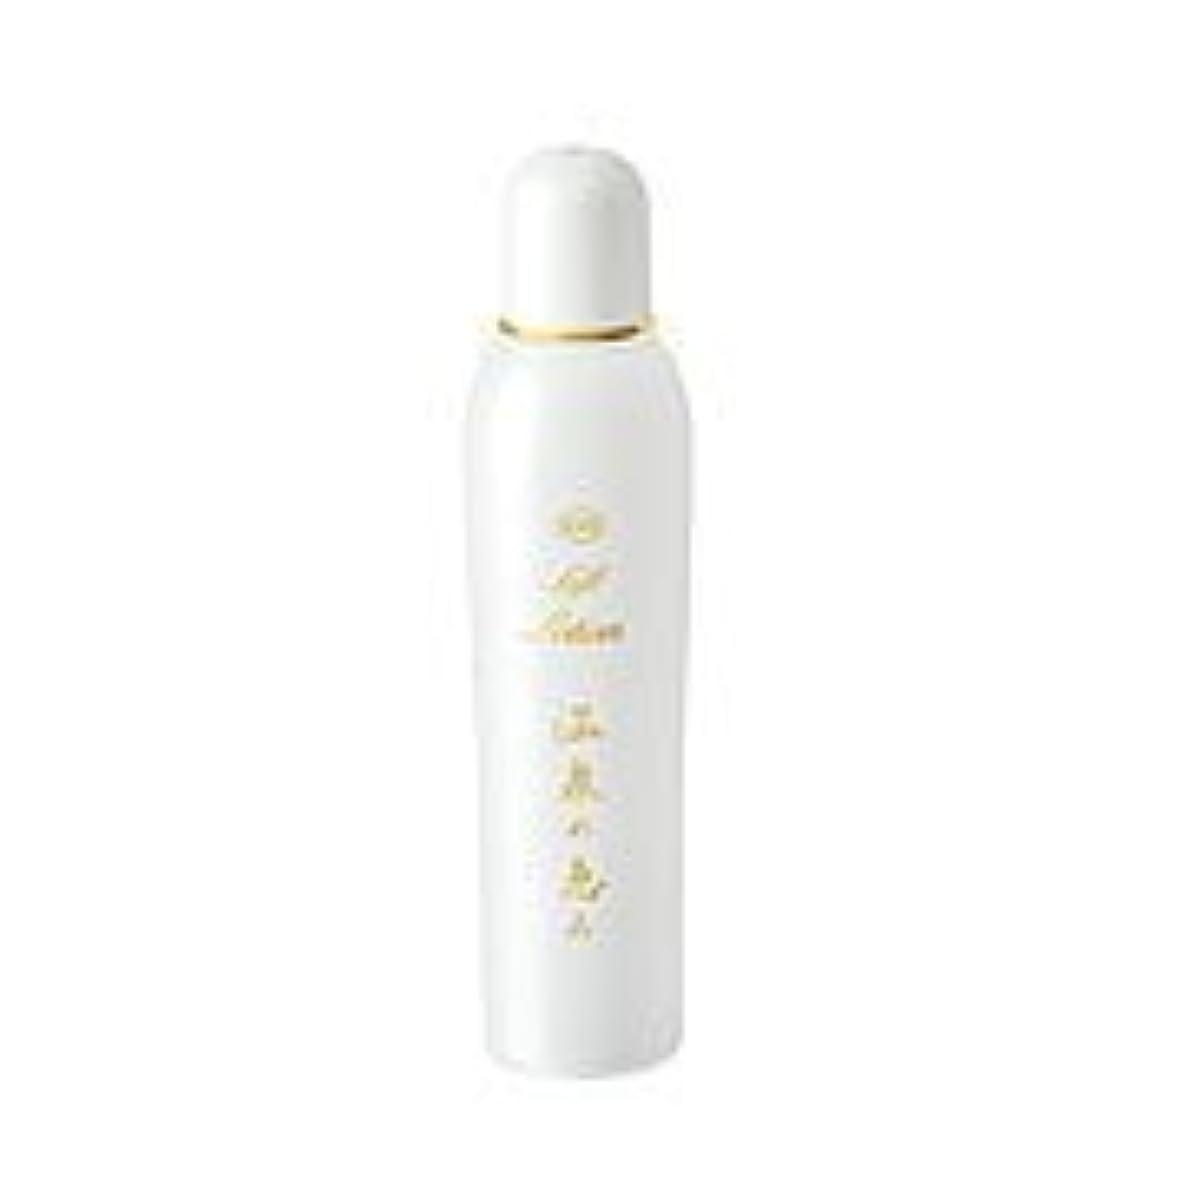 効果的に費やす革命イオン化粧品 ソフトローション 温泉の恵み 135ml